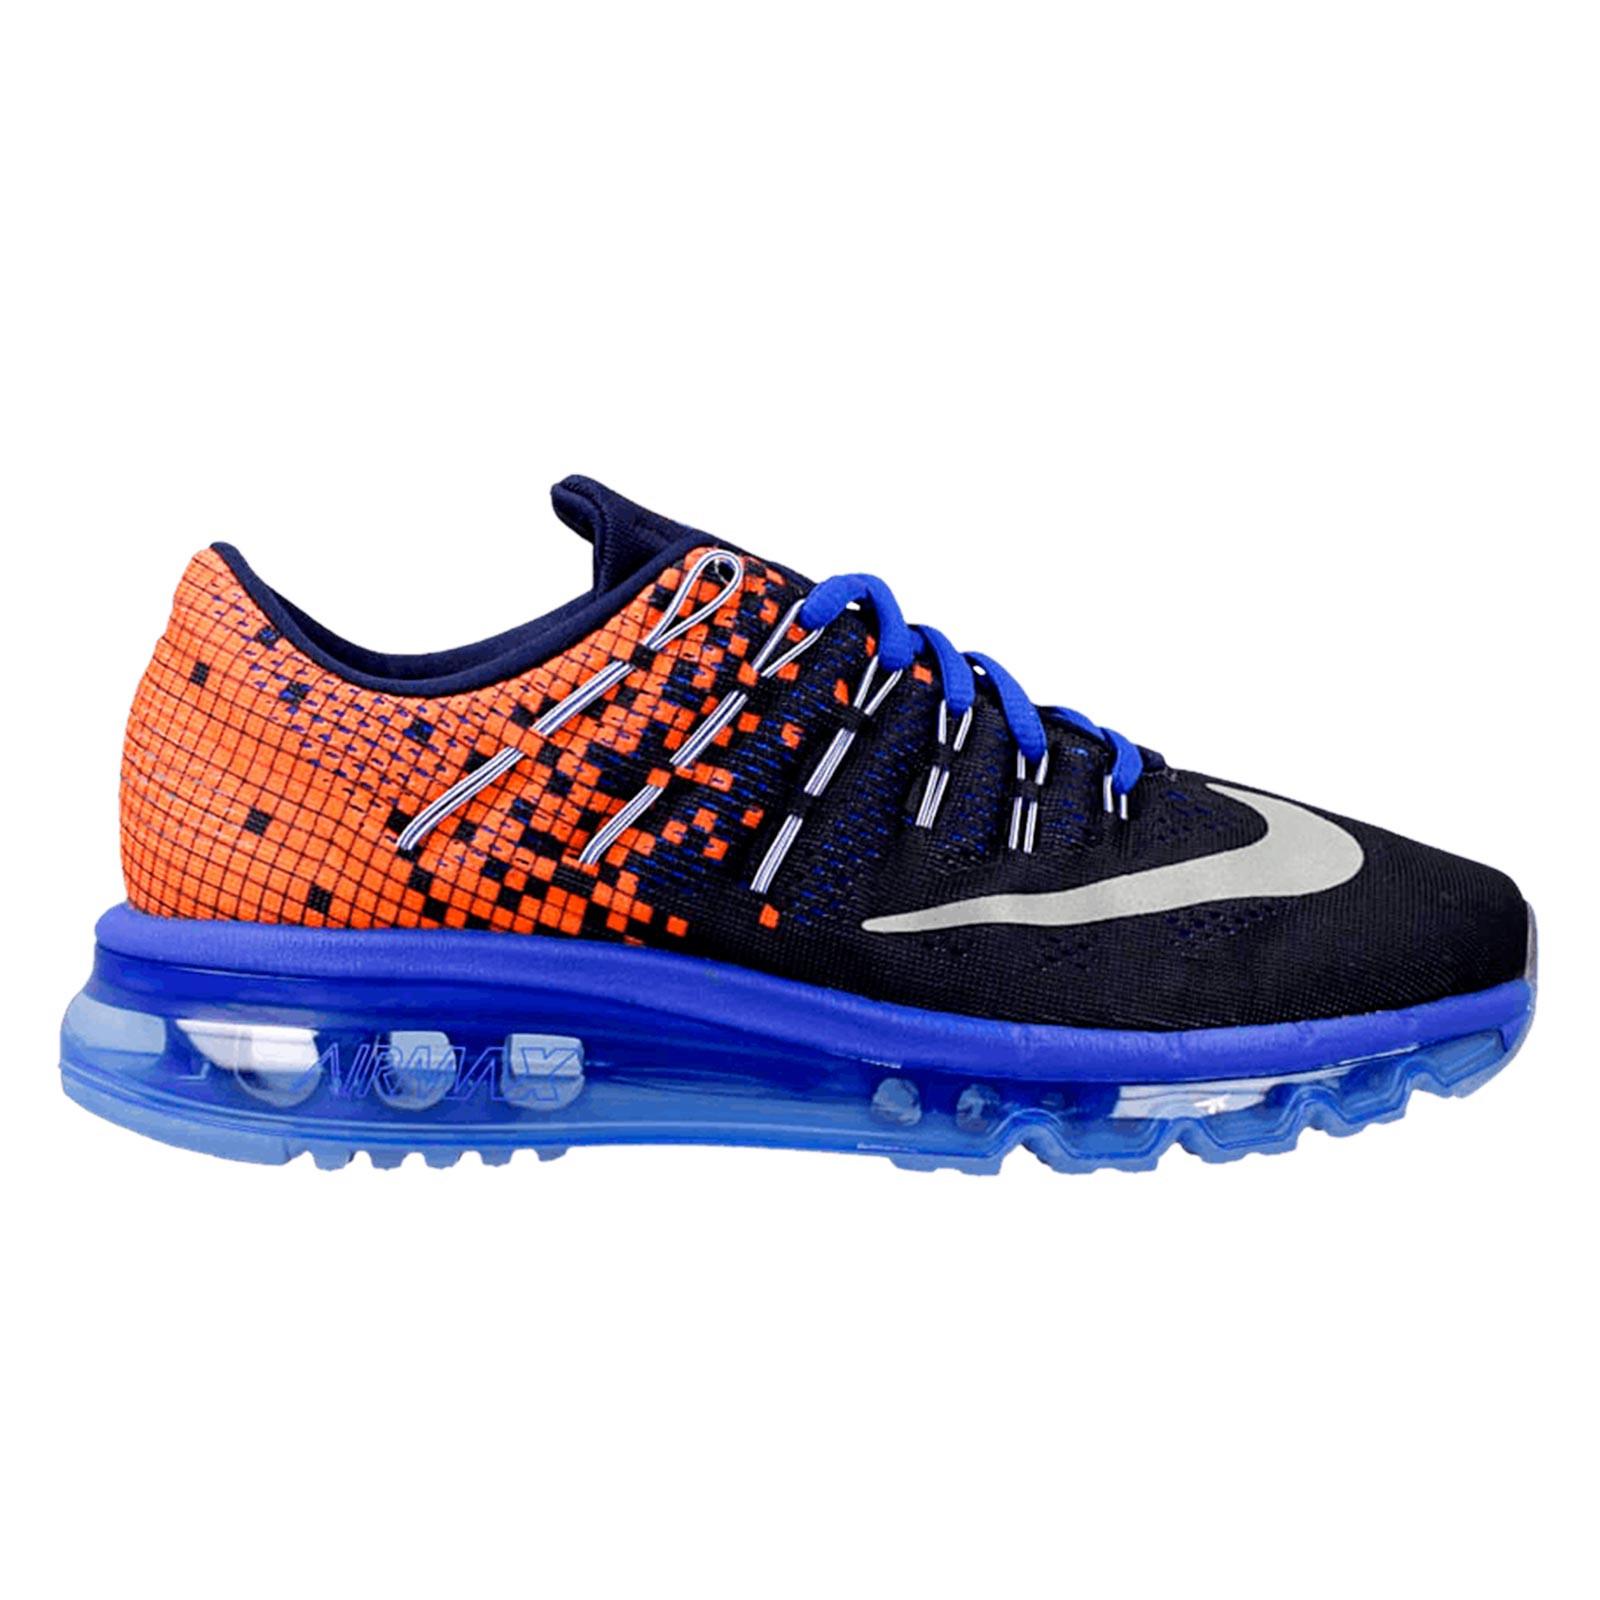 bomba Limpia el cuarto Falsificación  Zapatillas Nike Air Max 2016 Print Bg Running para Niño   Runa Store